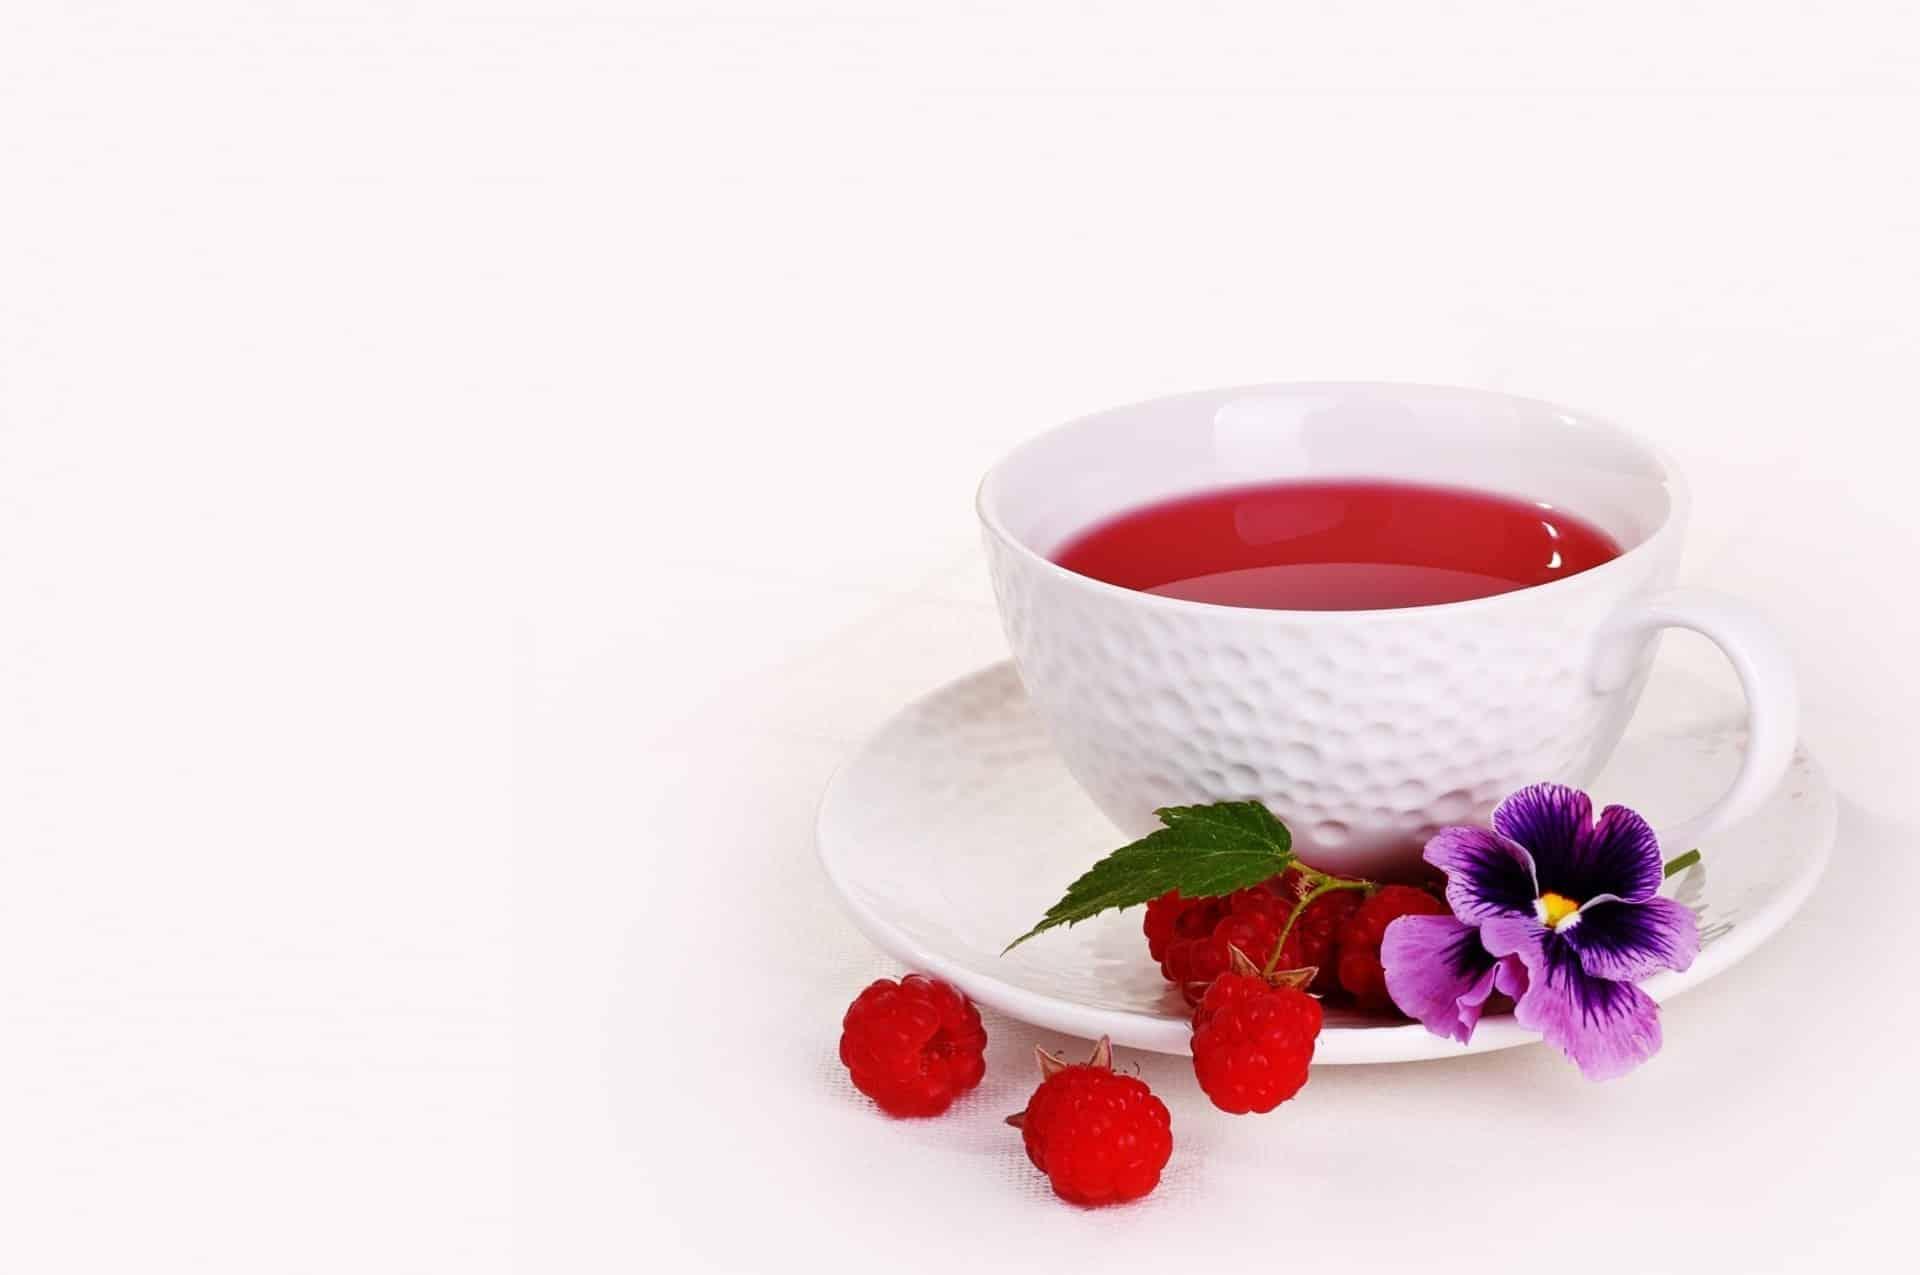 Benefits of raspberry tea